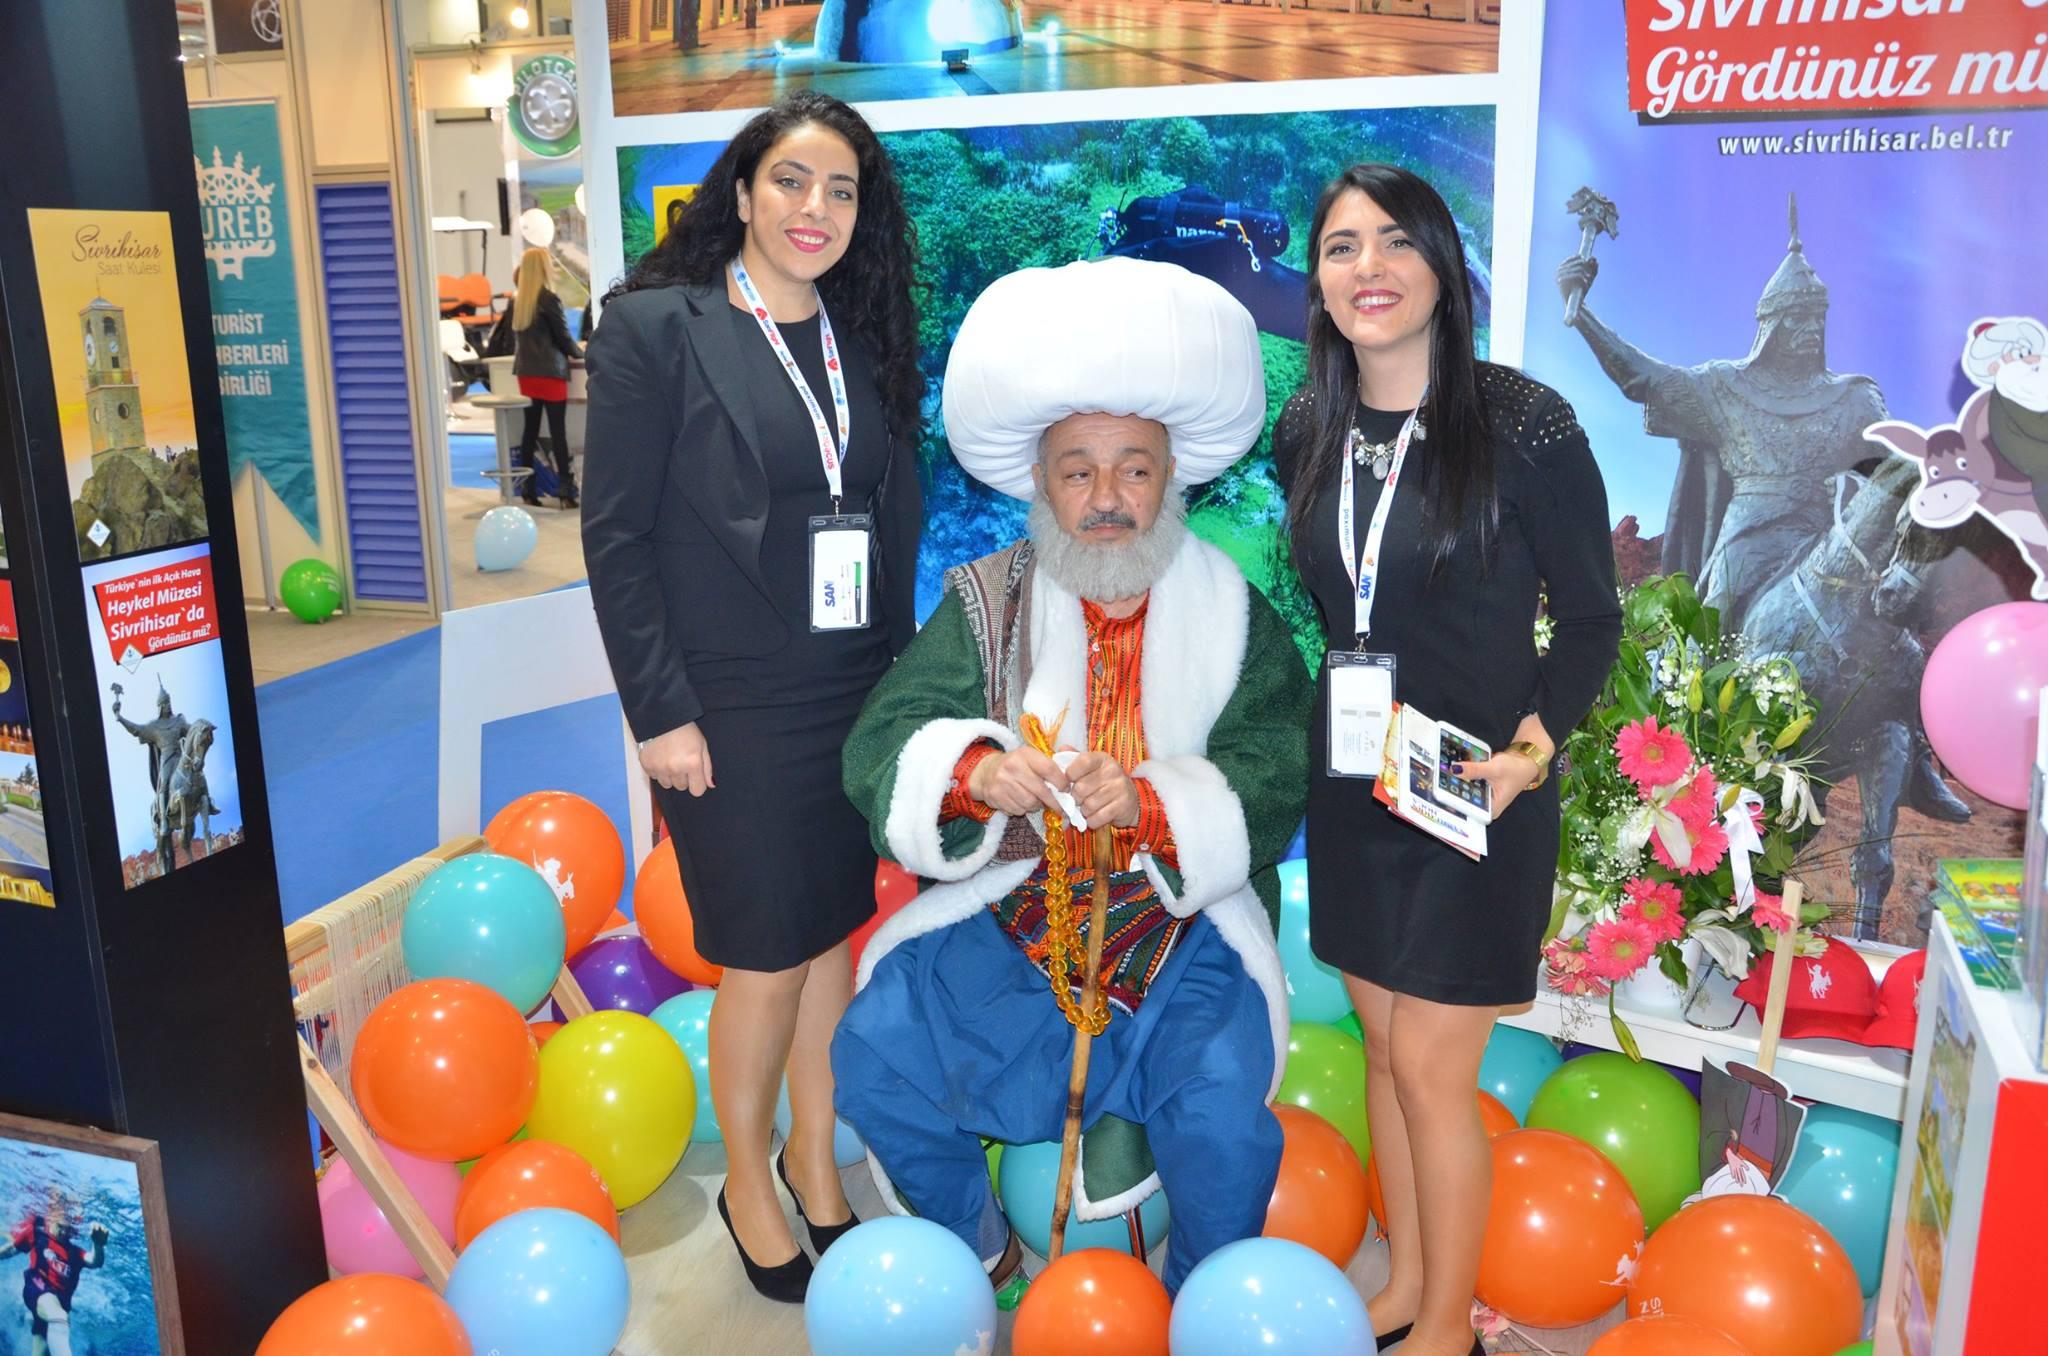 Dünyanın Merkezi Sivrihisar Travel Turkey İzmir'de Yerini Aldı